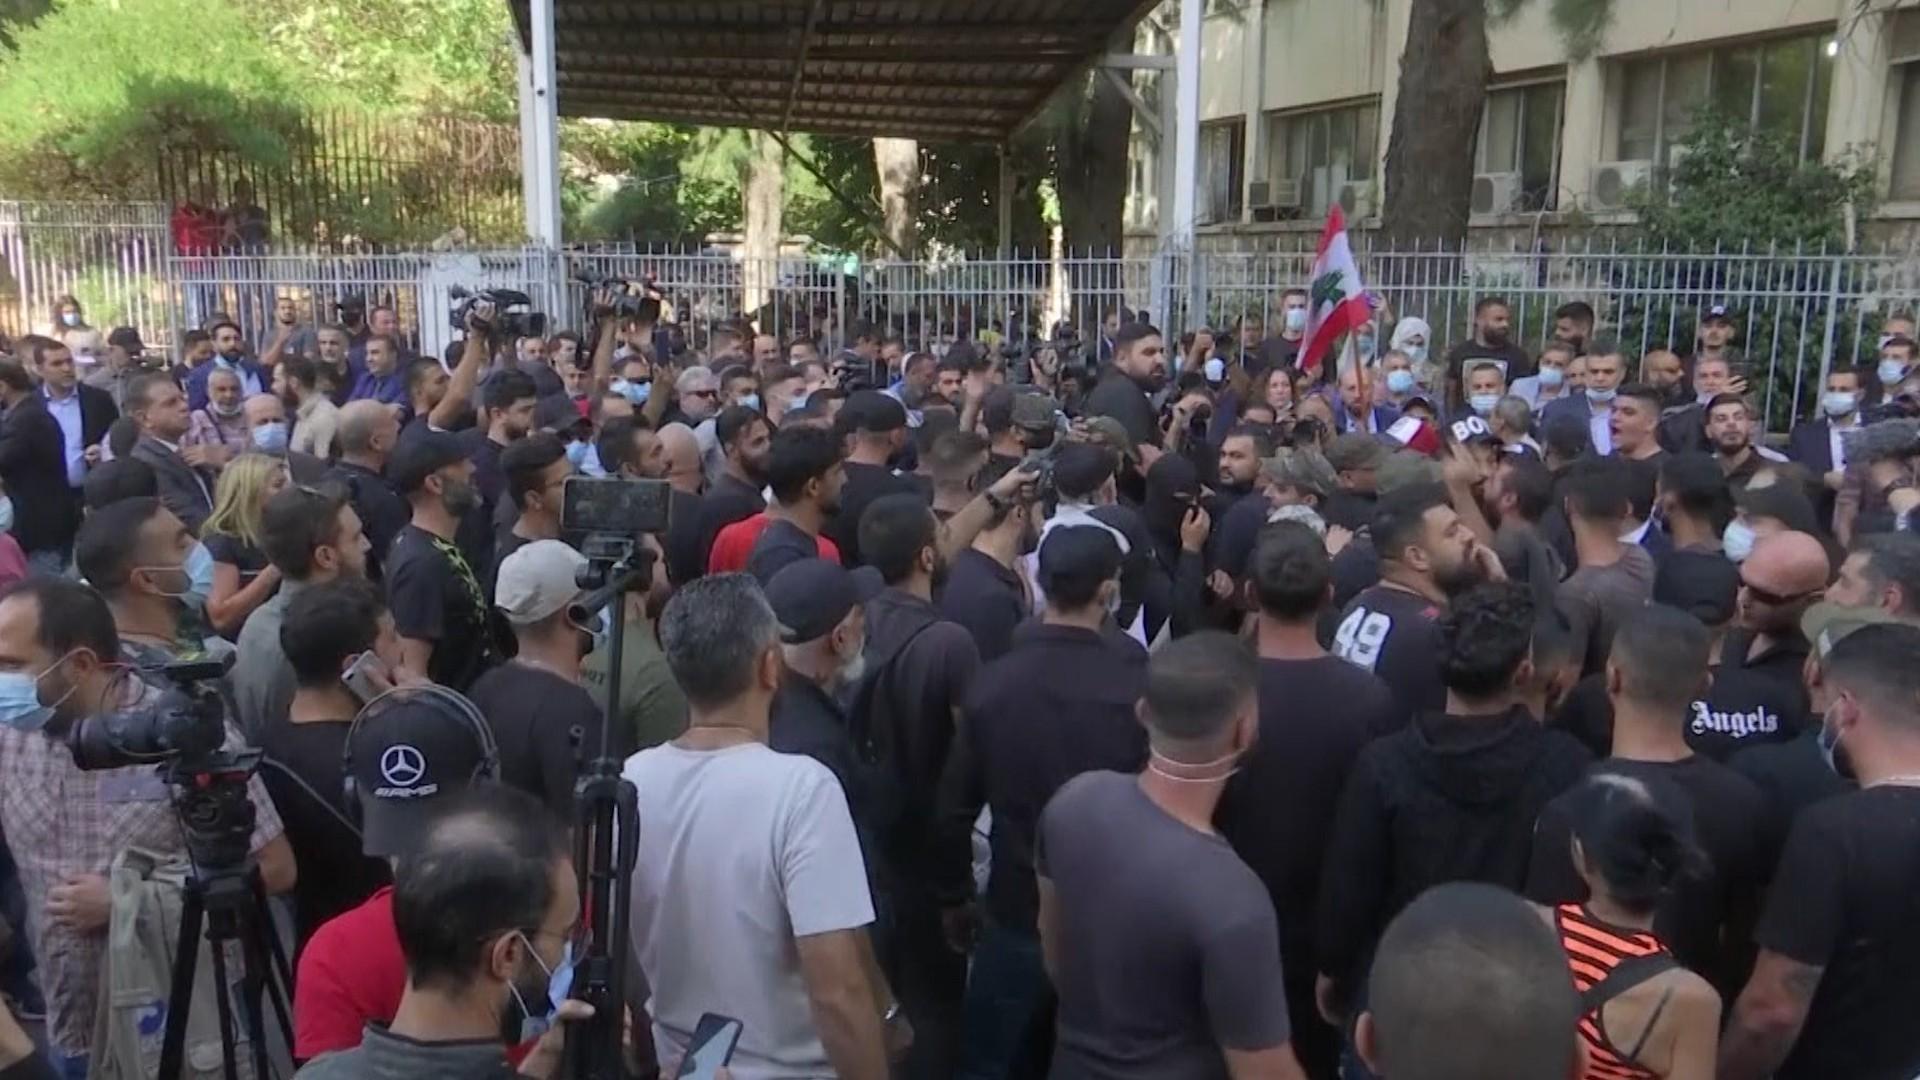 Scene de război civil în Beirut. Cel puţin 5 persoane au murit, iar alte 30 au fost rănite, în timpul unui protest Hezbollah